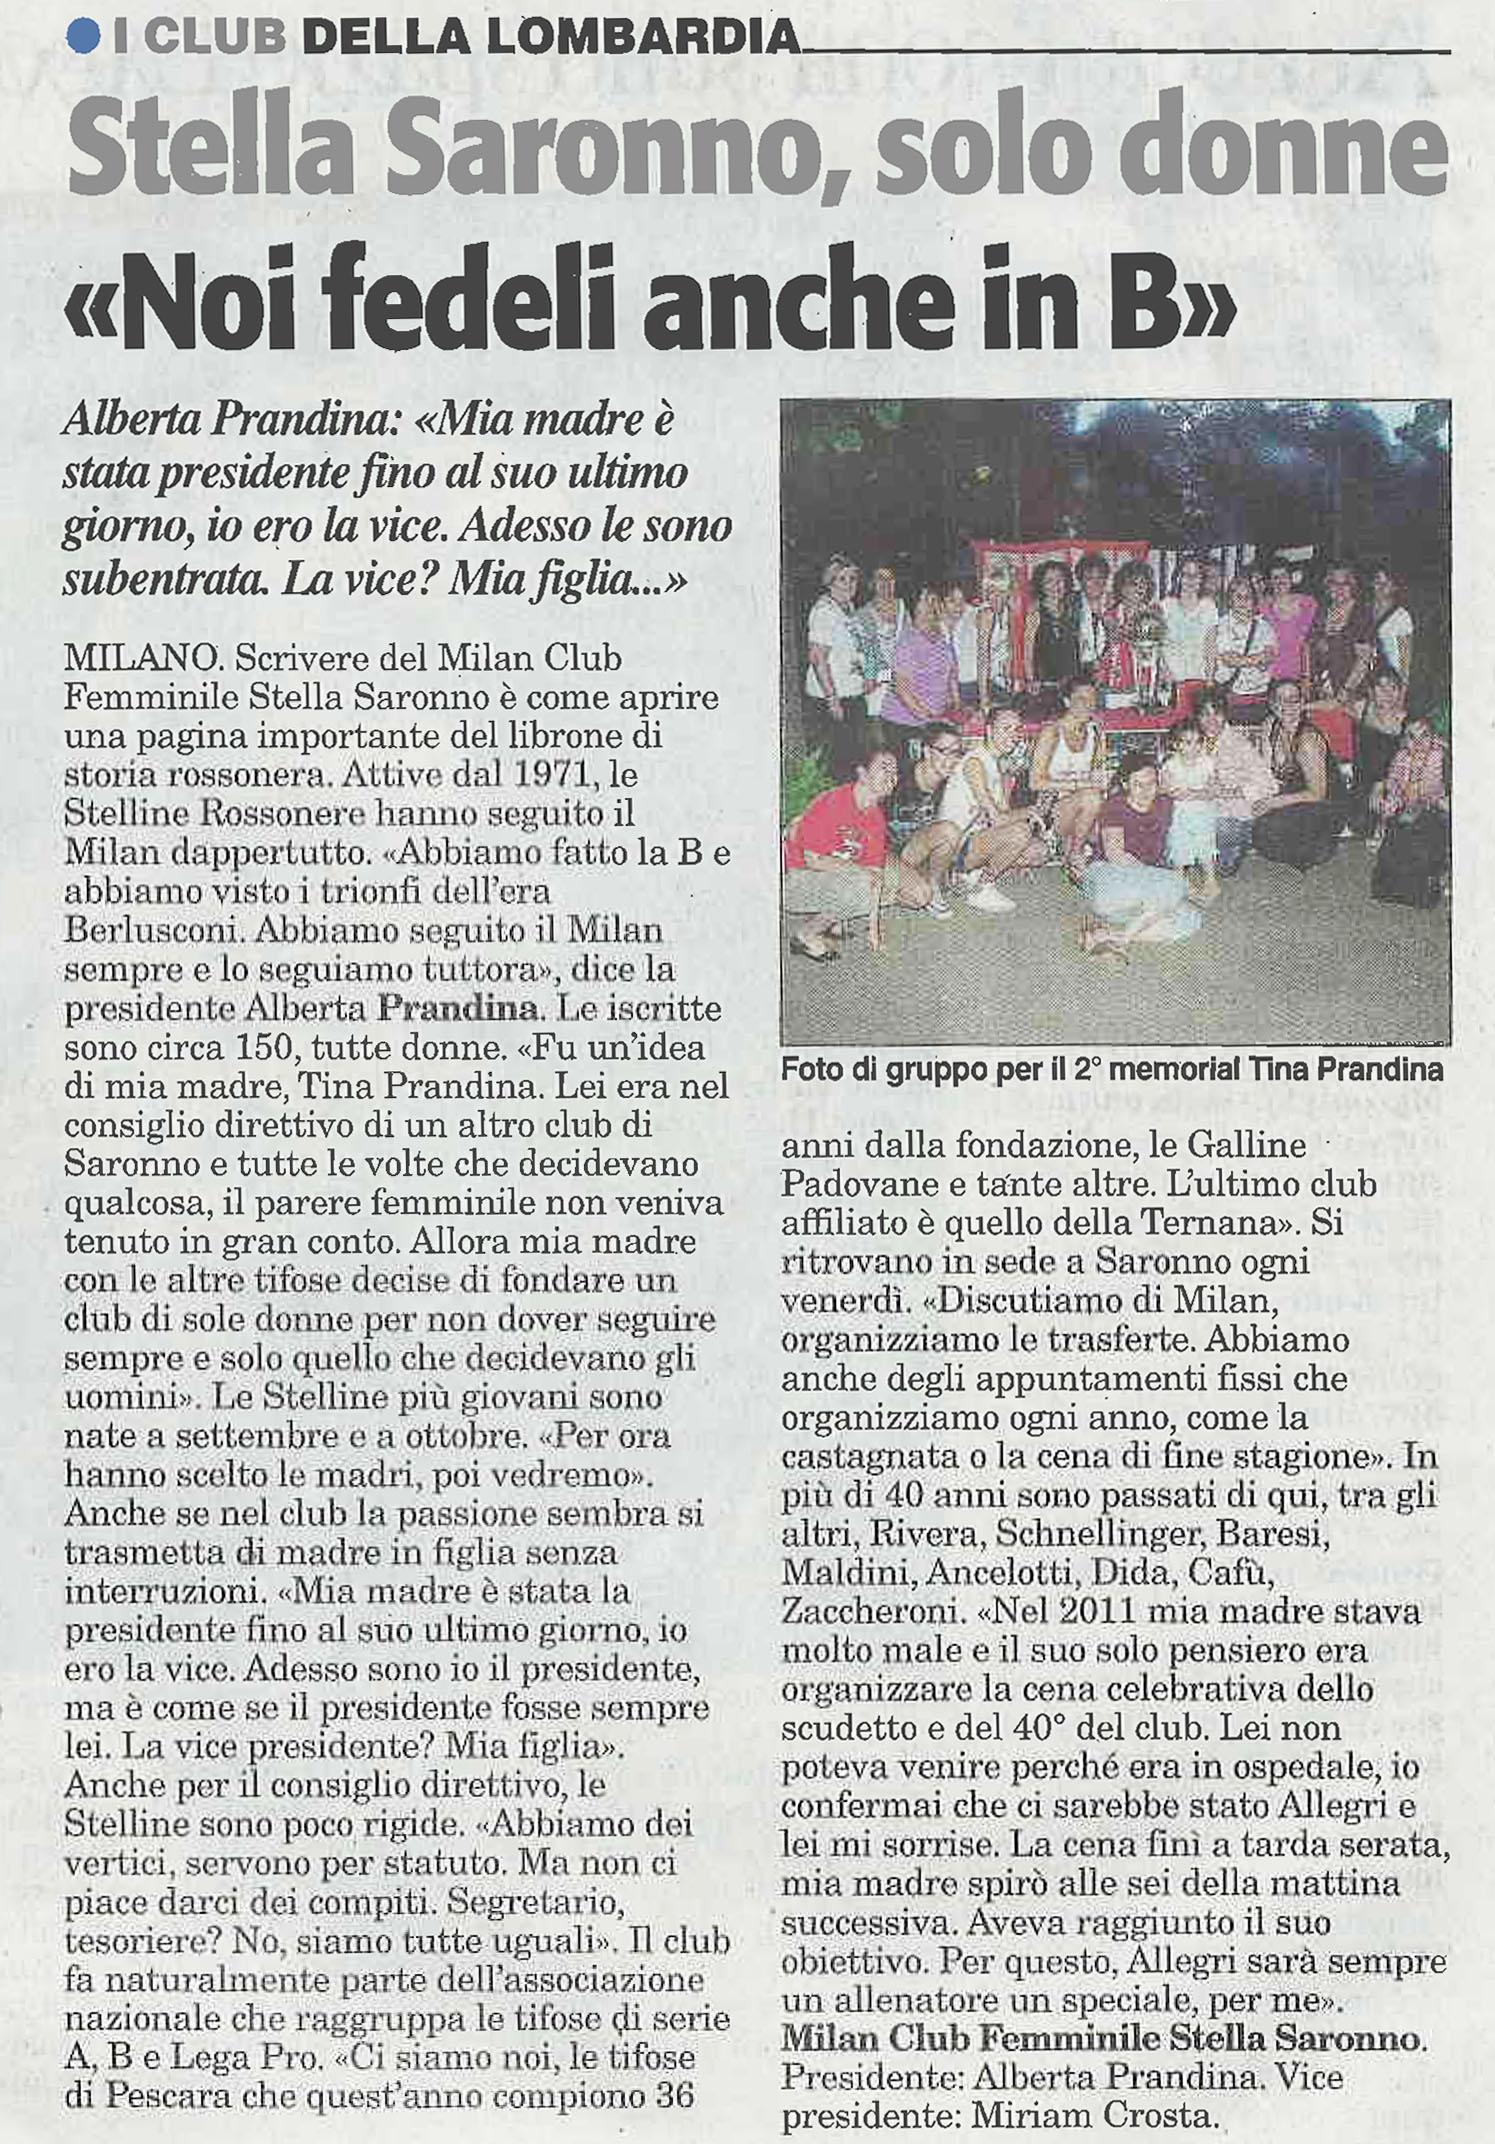 2013-11-22 tuttosport - articolo